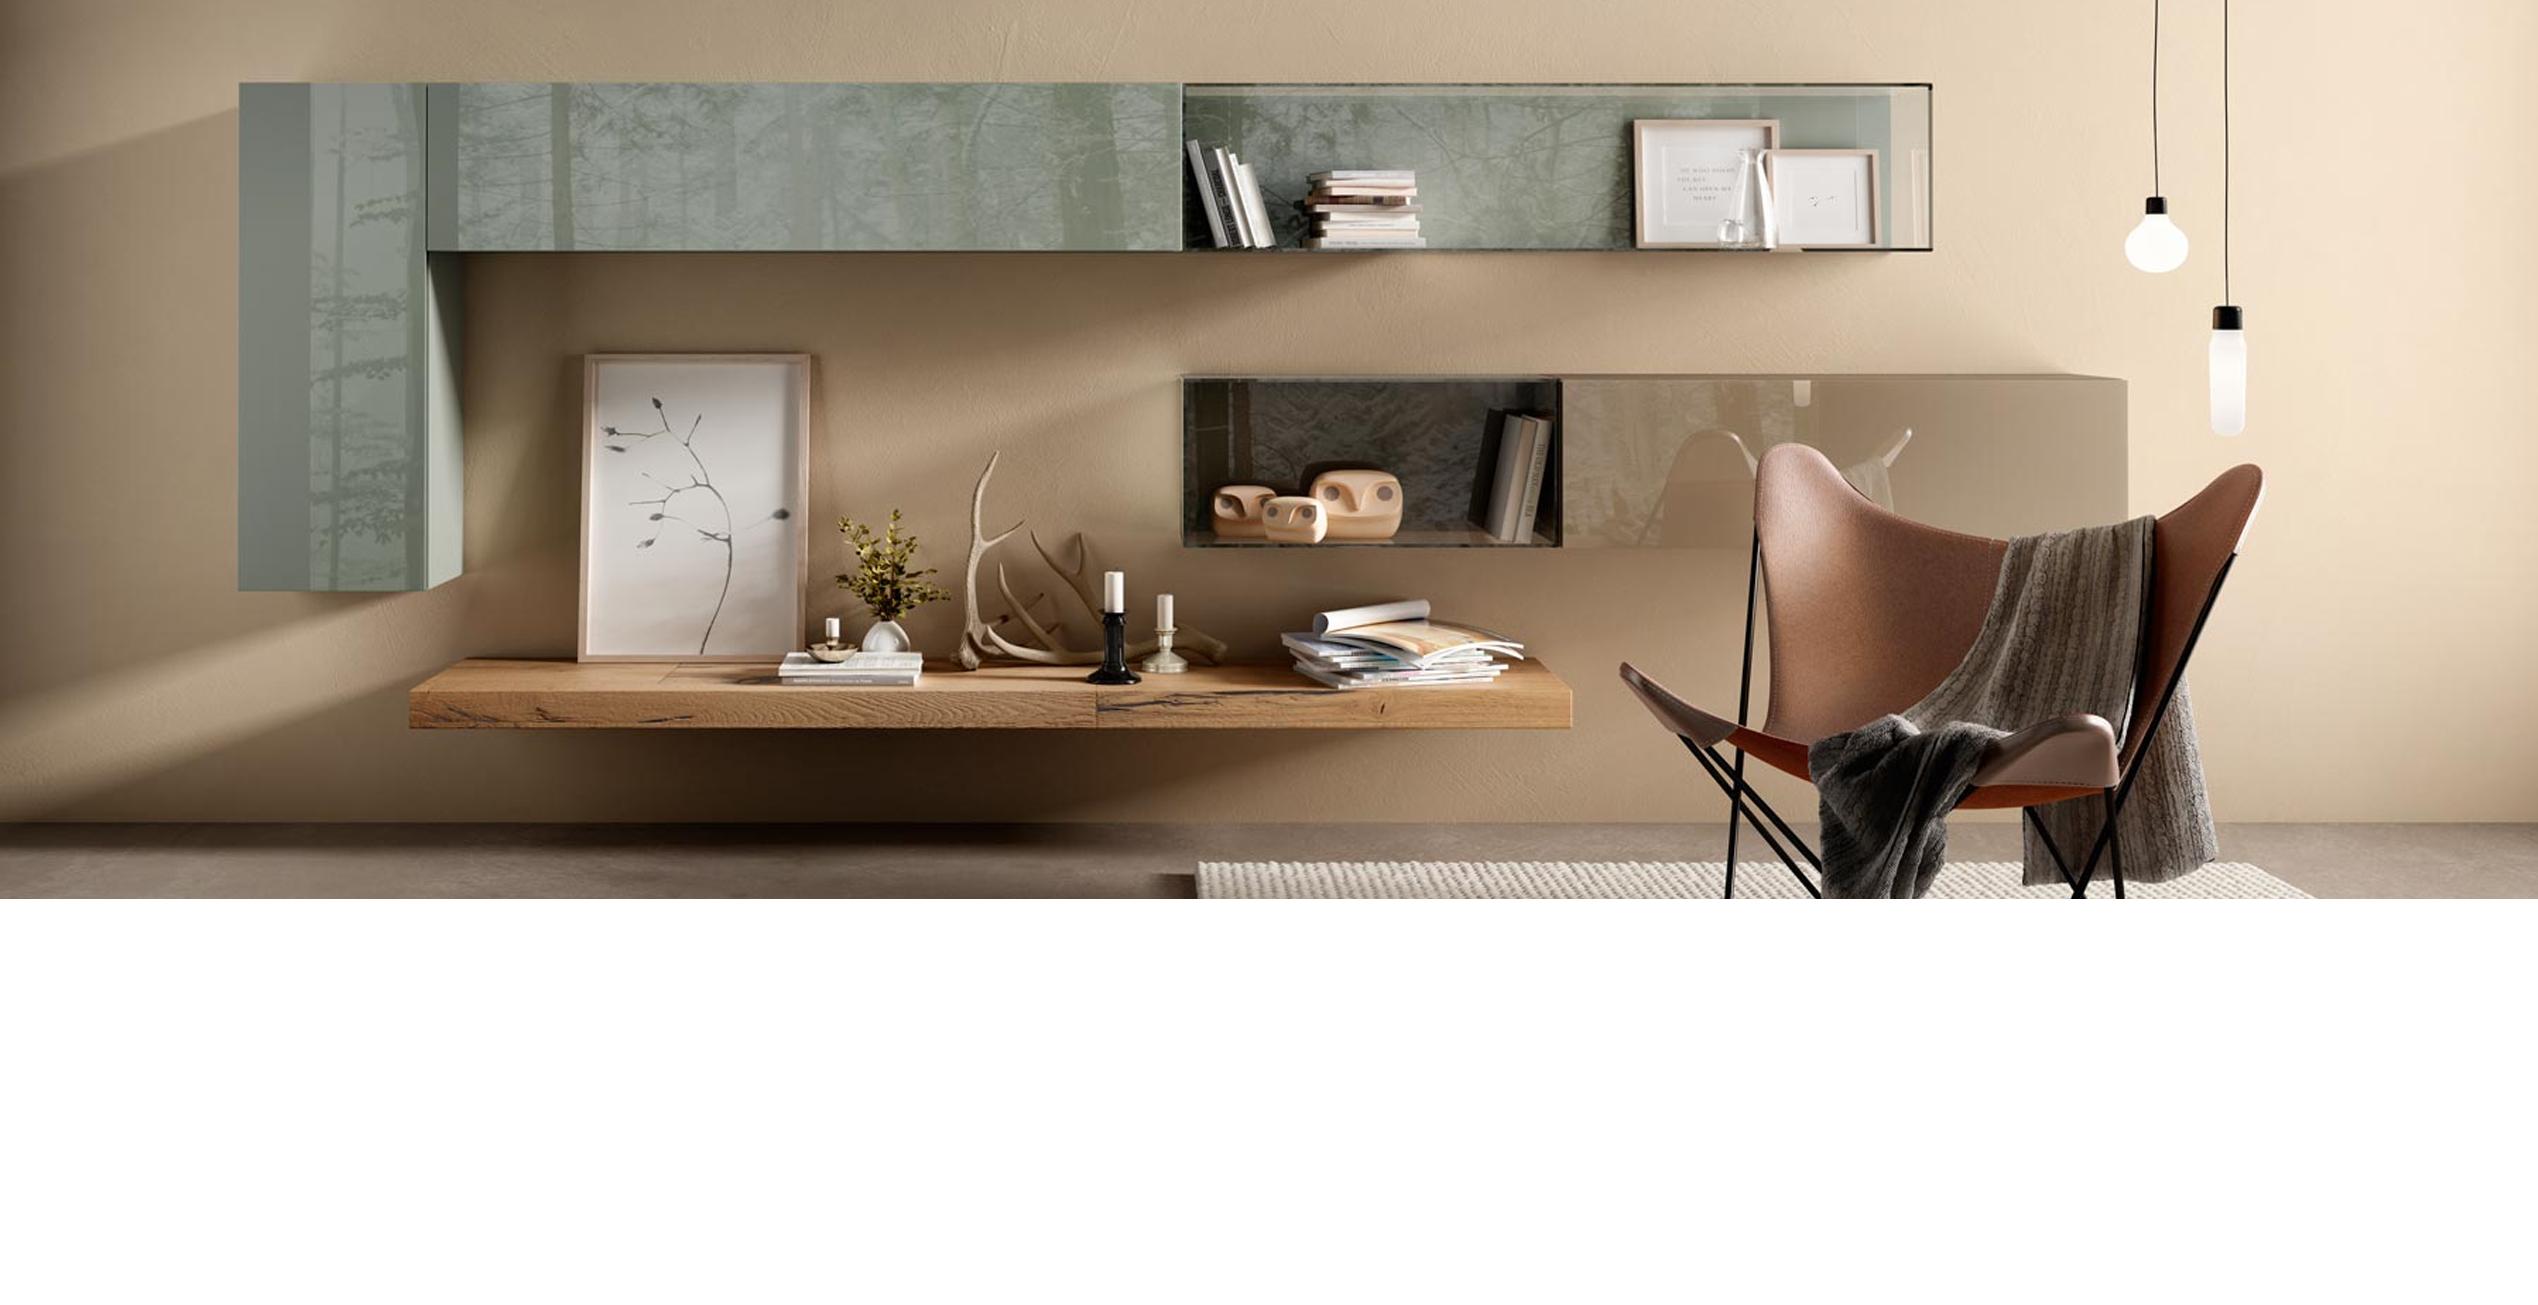 Confortop magasin de mobilier et d 39 am nagement design d for Meubles vaud